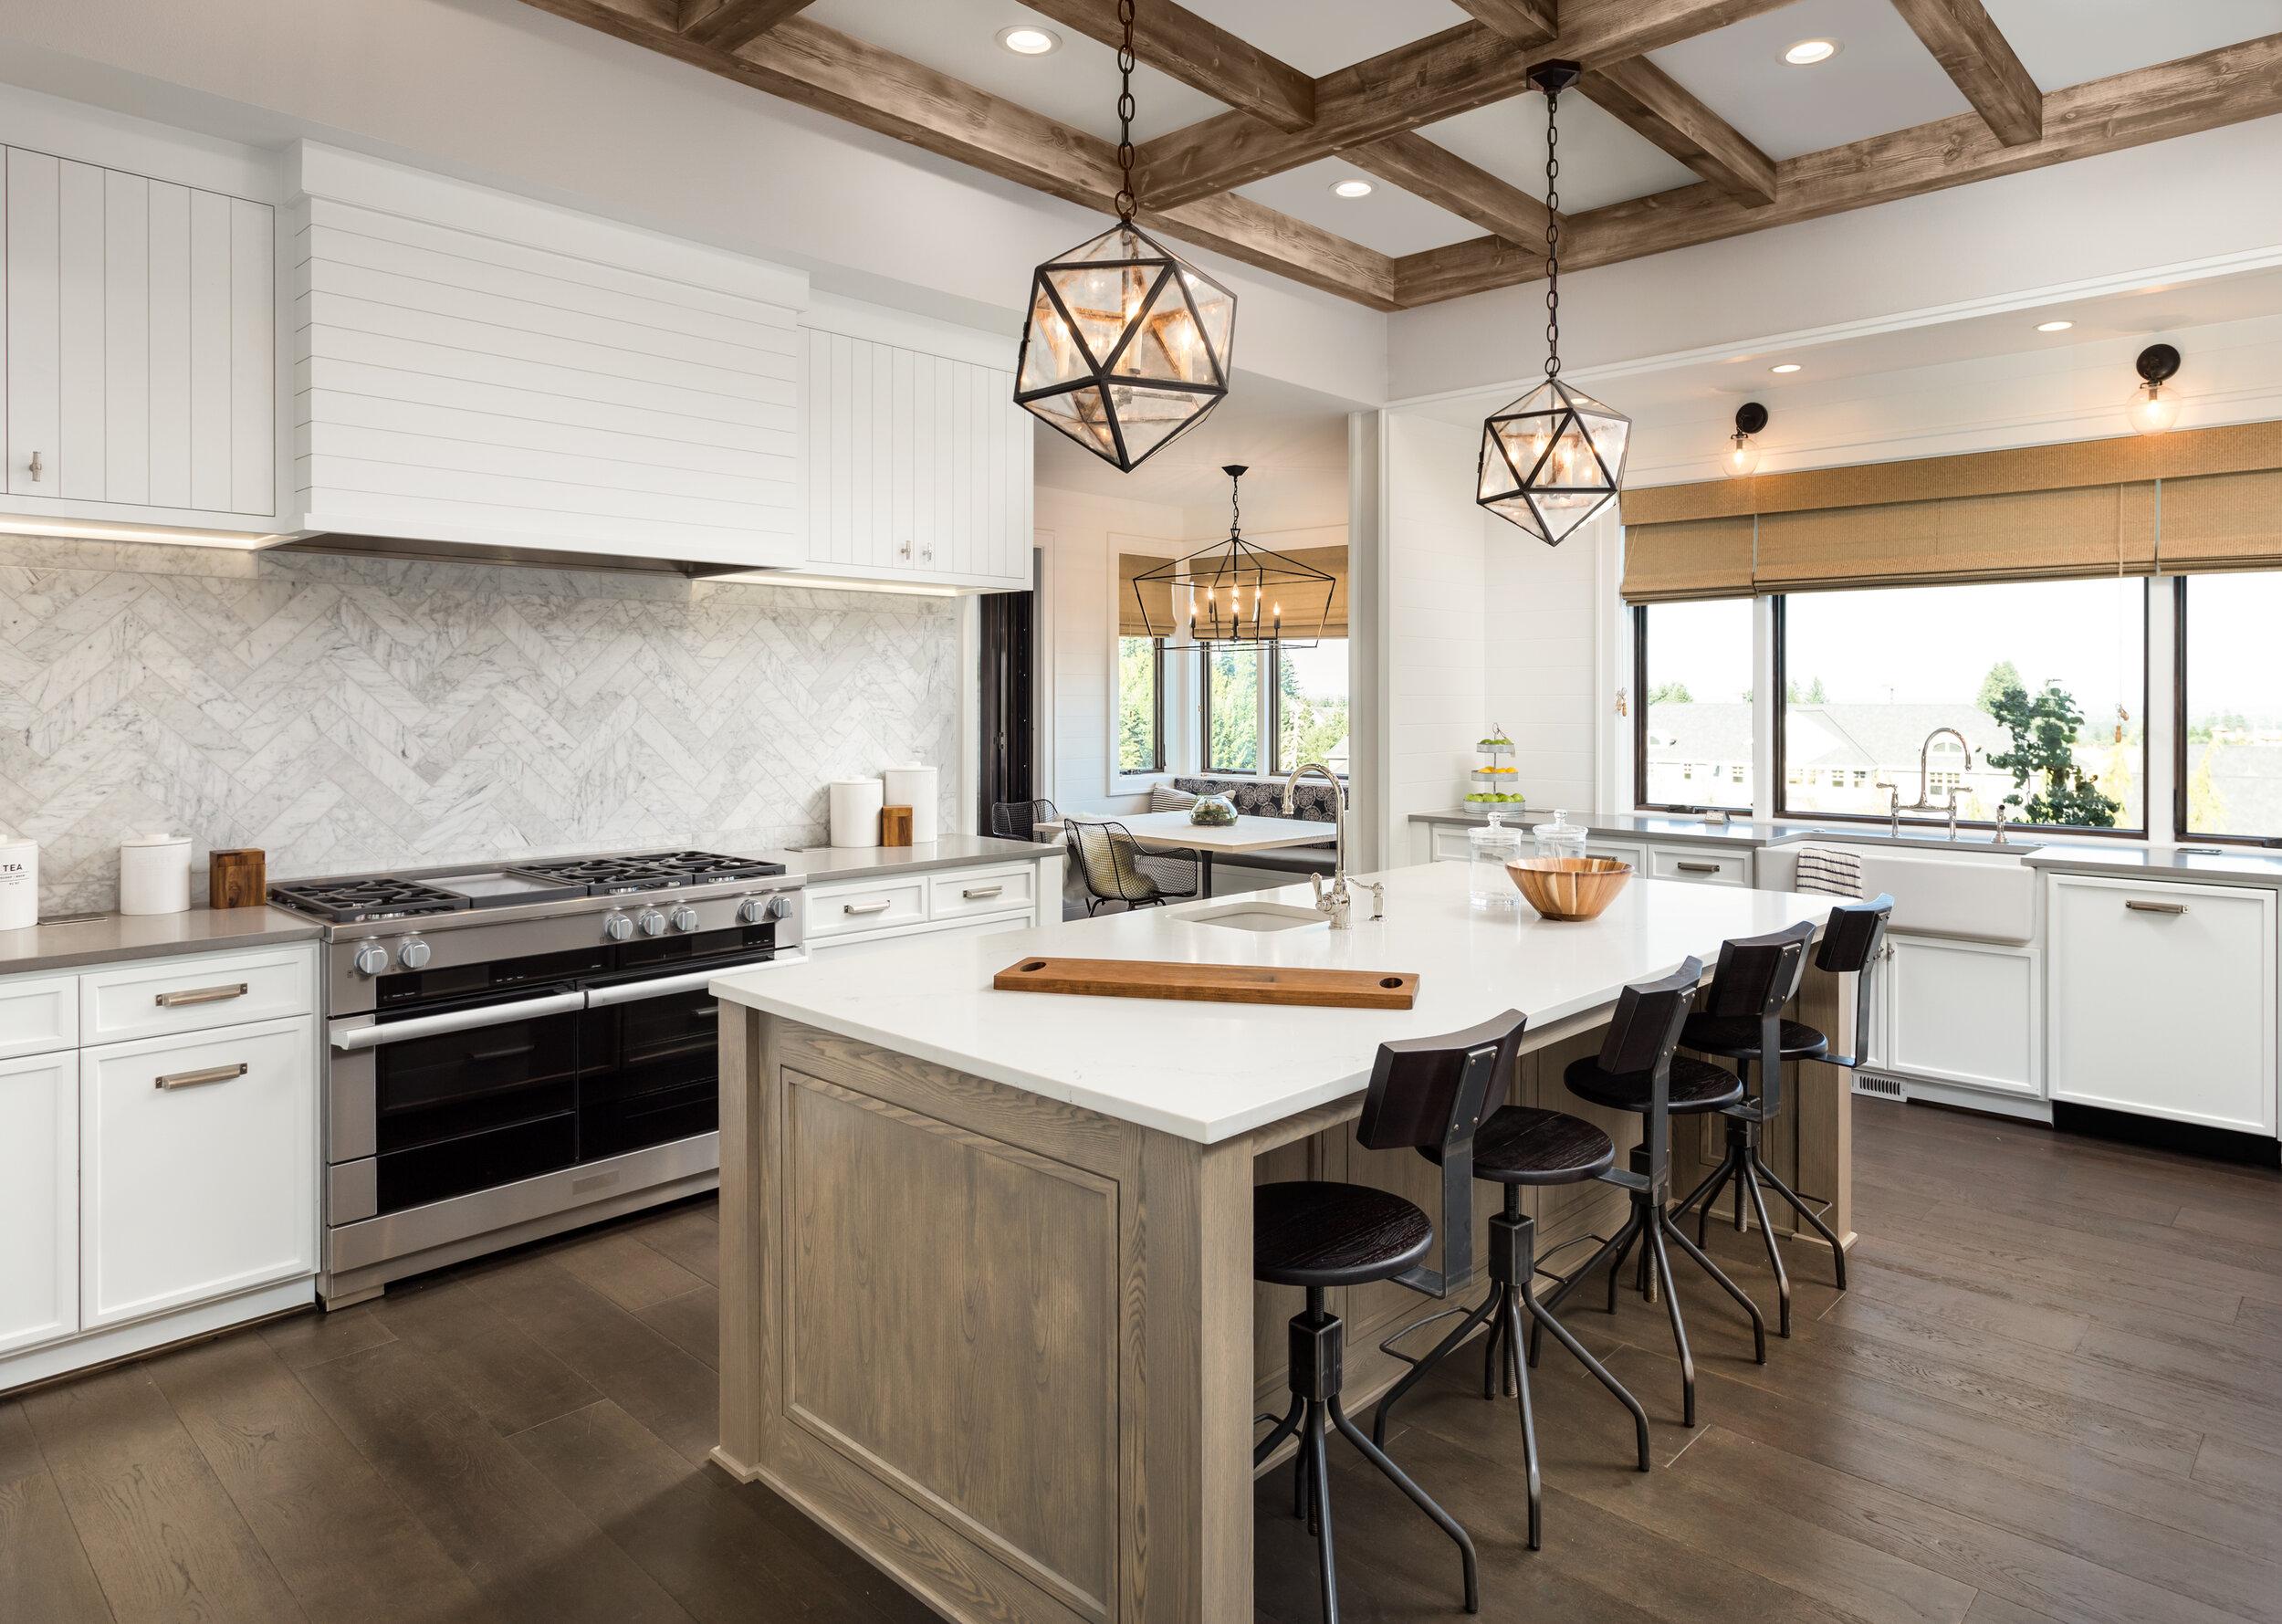 kitchen-remodeling-miami-kitchen-remodeling-companies-miami